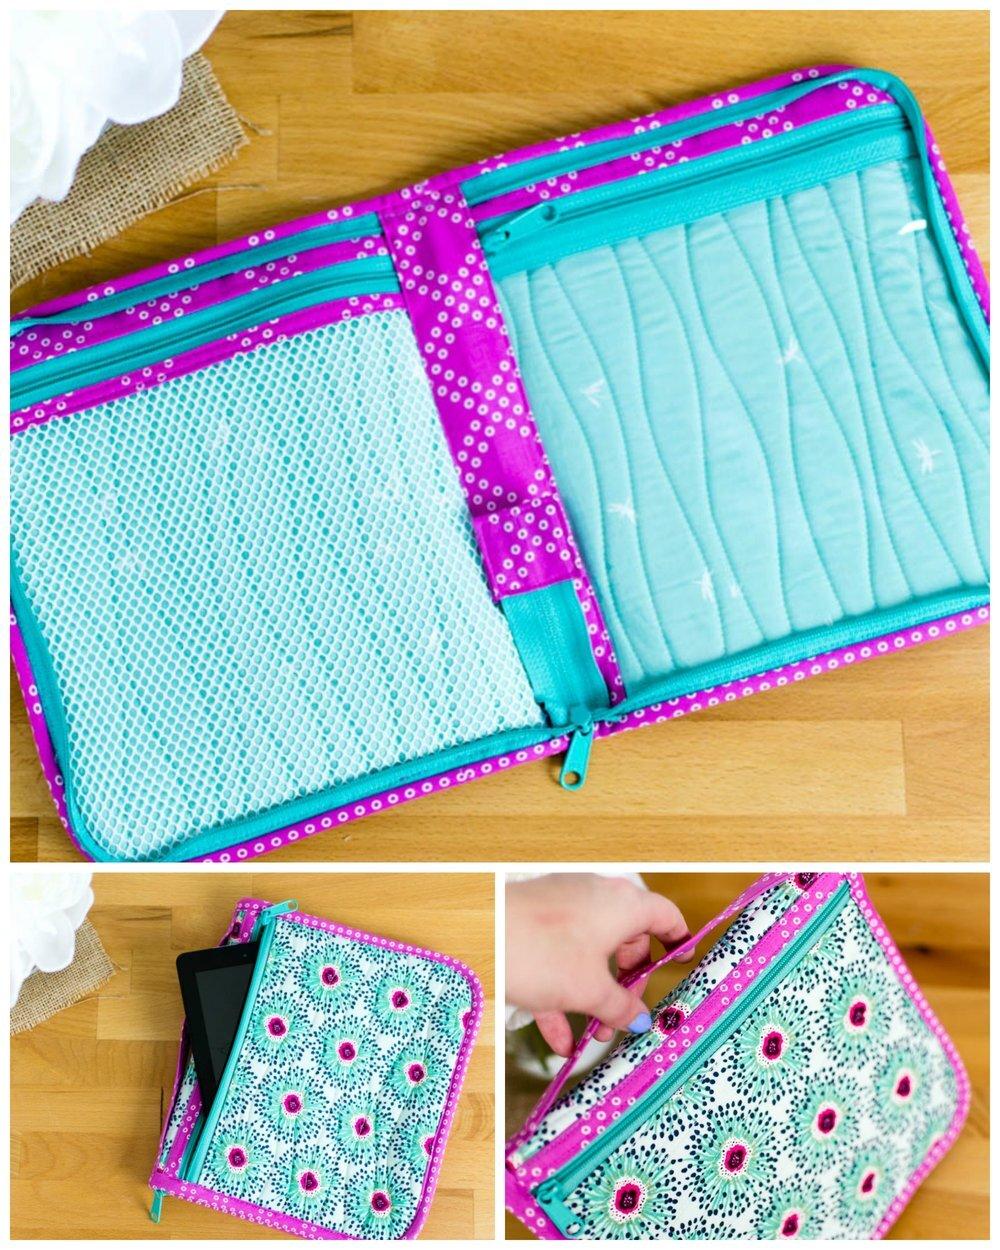 zip+it+up+case.jpg